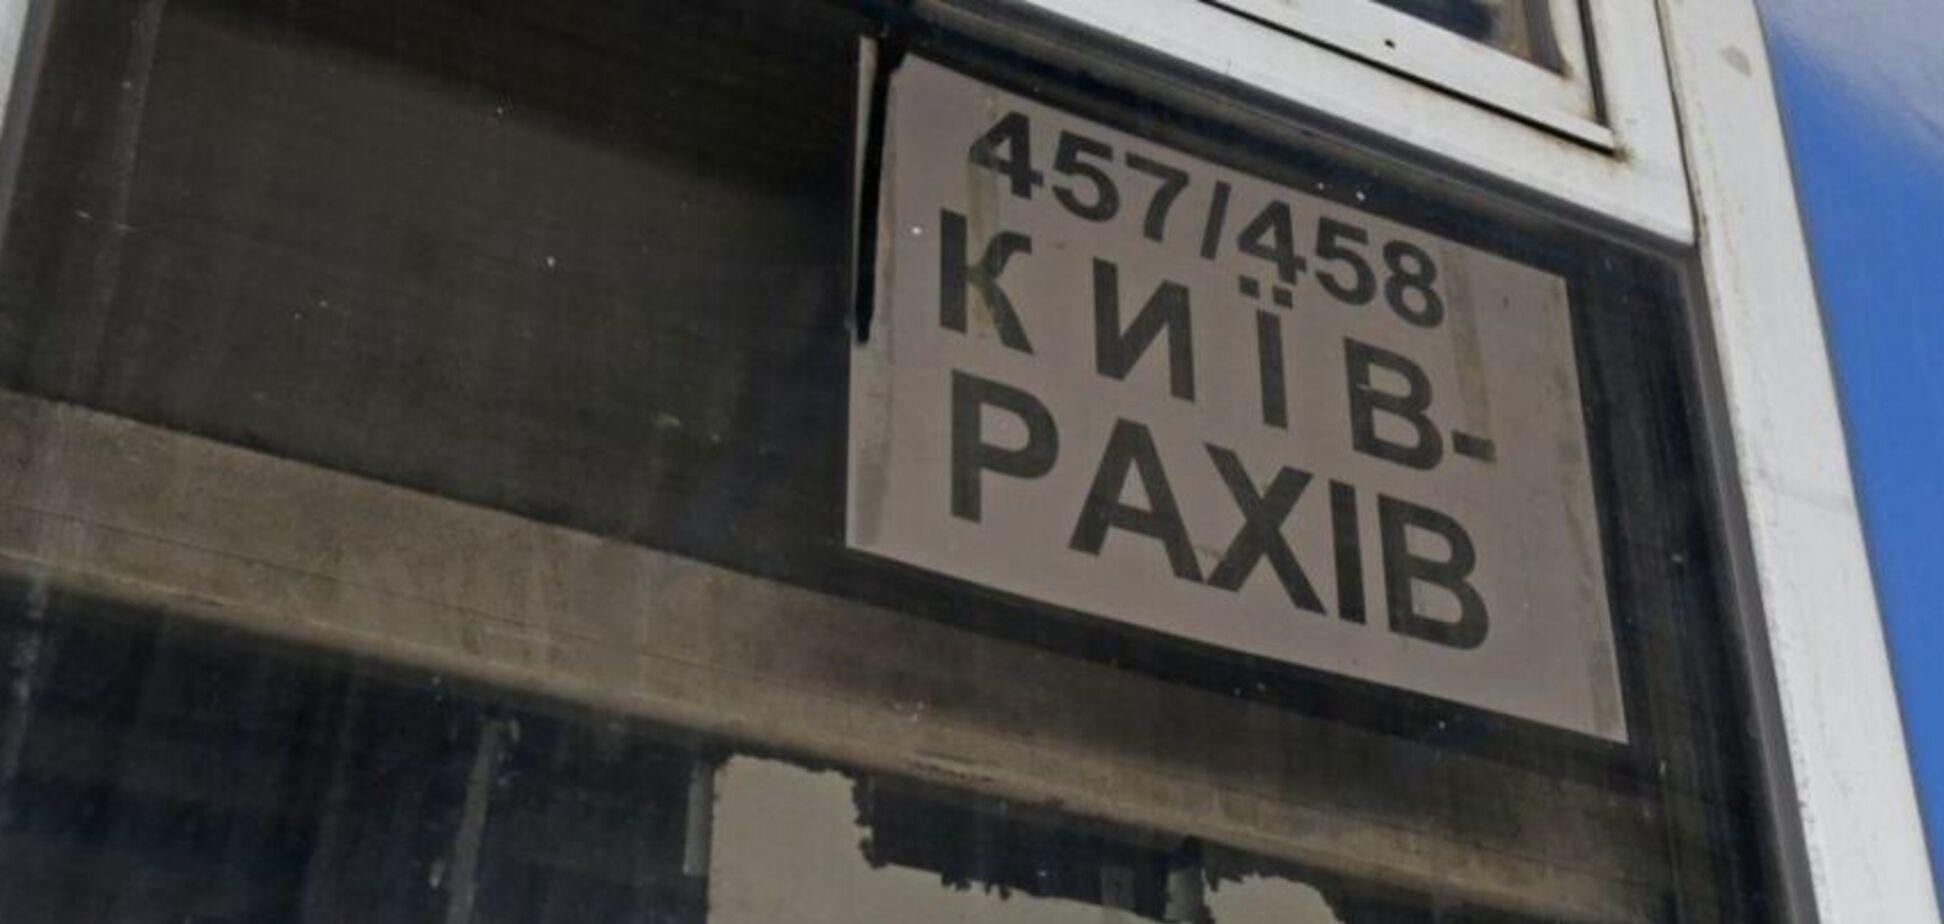 Странная смерть 11-летнего пассажира поезда Киев - Рахов: появились подробности